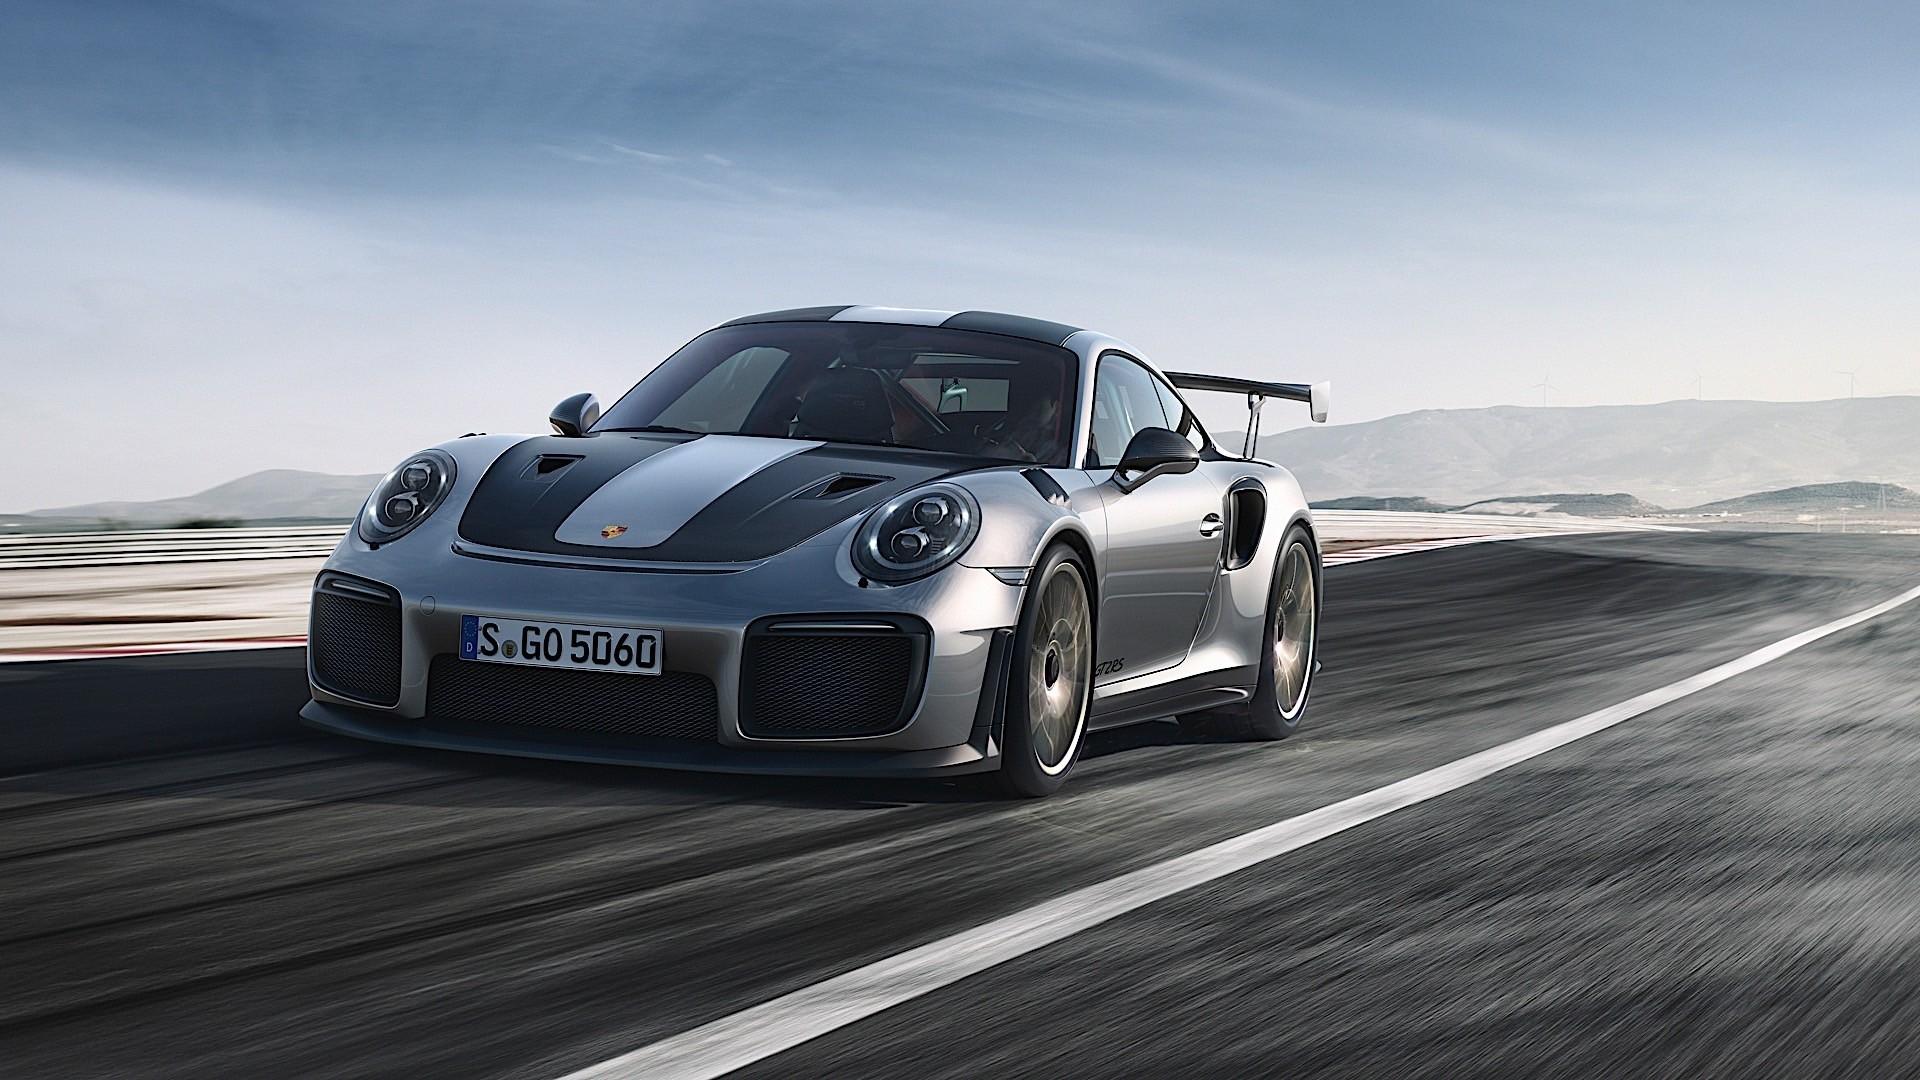 PORSCHE-911-GT2-RS-6048_7 Stunning 2008 Porsche 911 Gt2 Horsepower Cars Trend